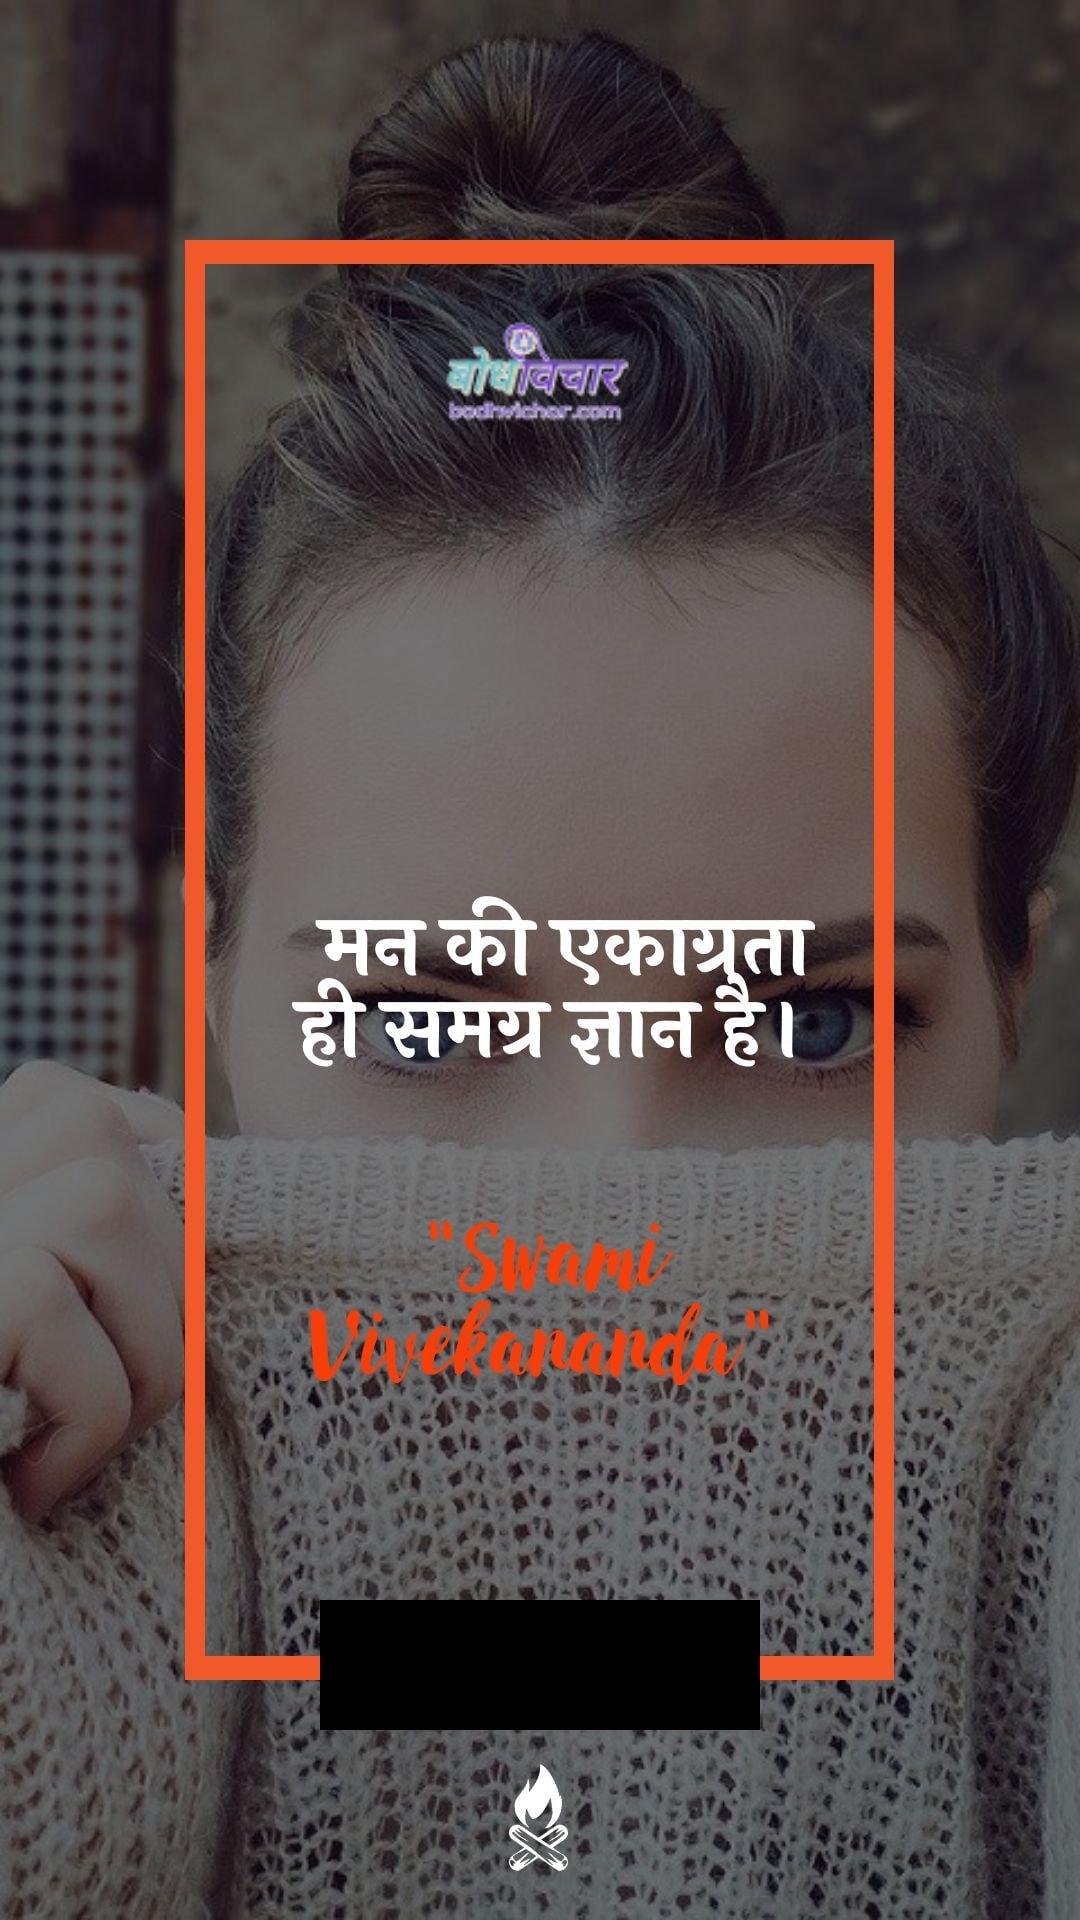 मन की एकाग्रता ही समग्र ज्ञान है। : Man kee ekaagrata hee samagr gyaan hai. - स्वामी विवेकानन्द